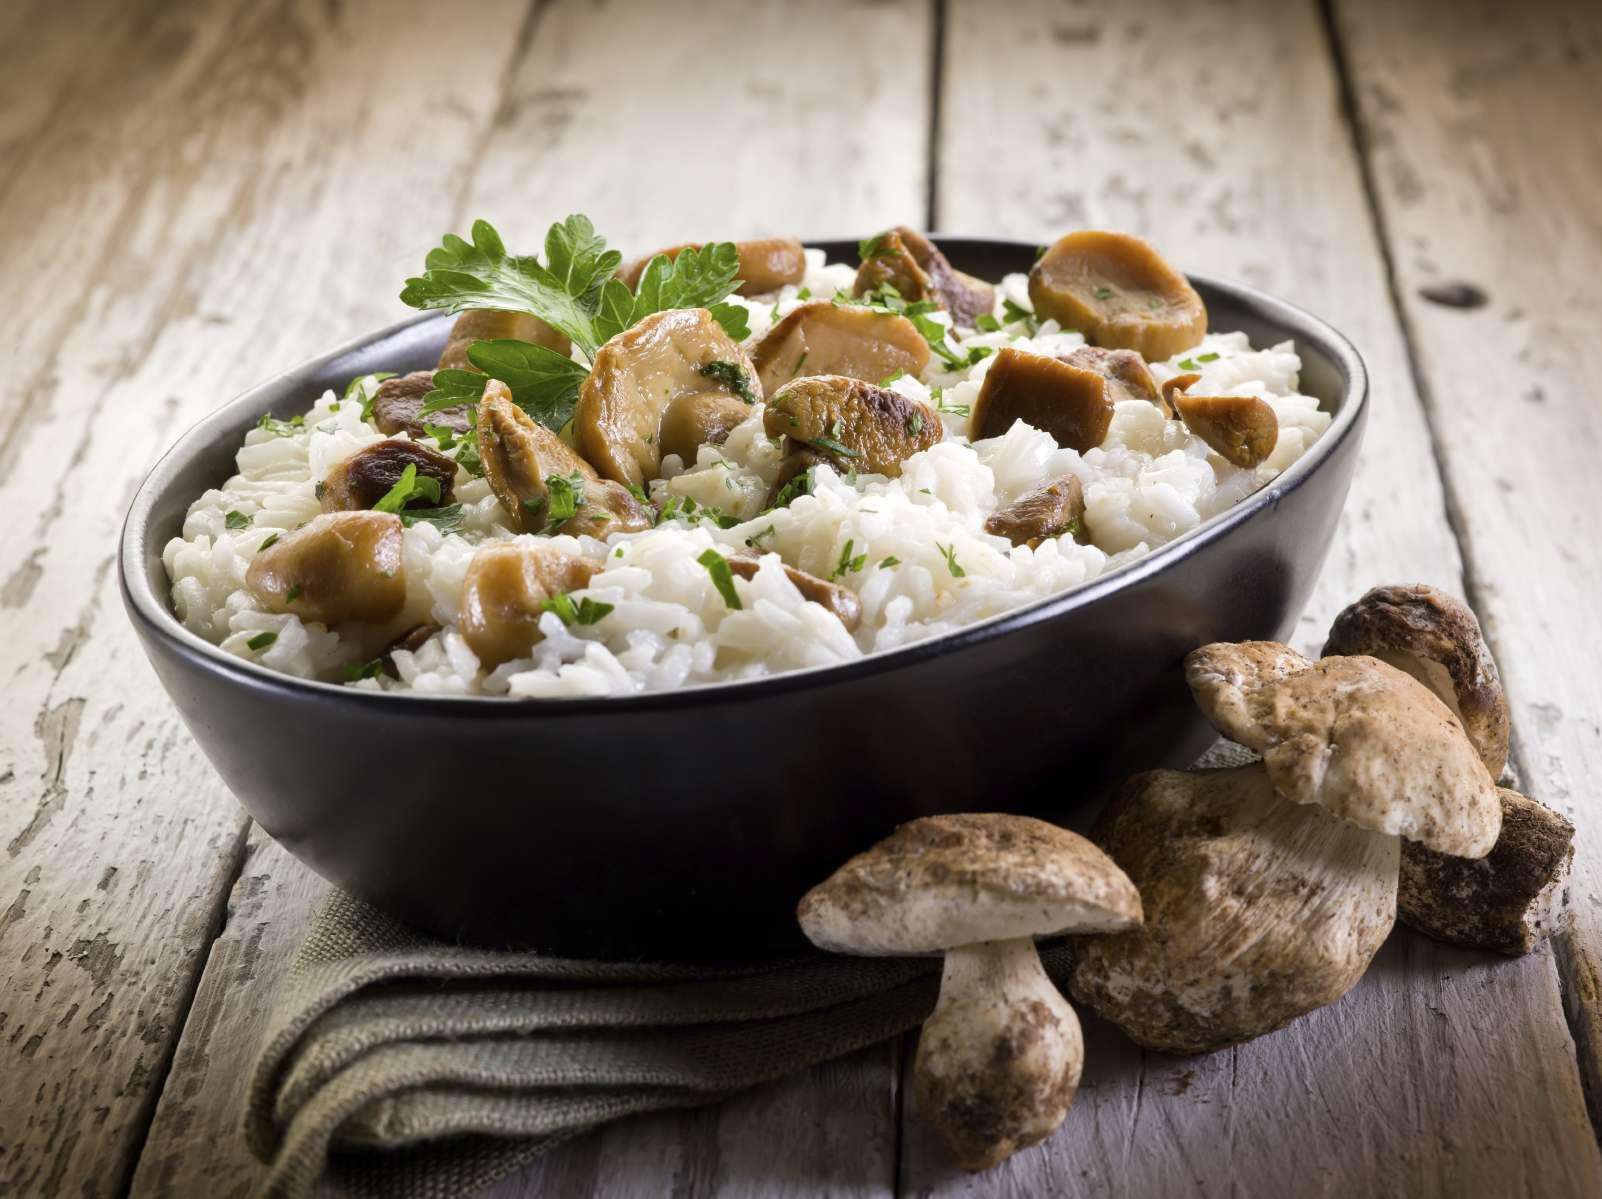 El risotto es un plato típico en el noreste de Italia, pero muy popular en Argentina. Foto: isto